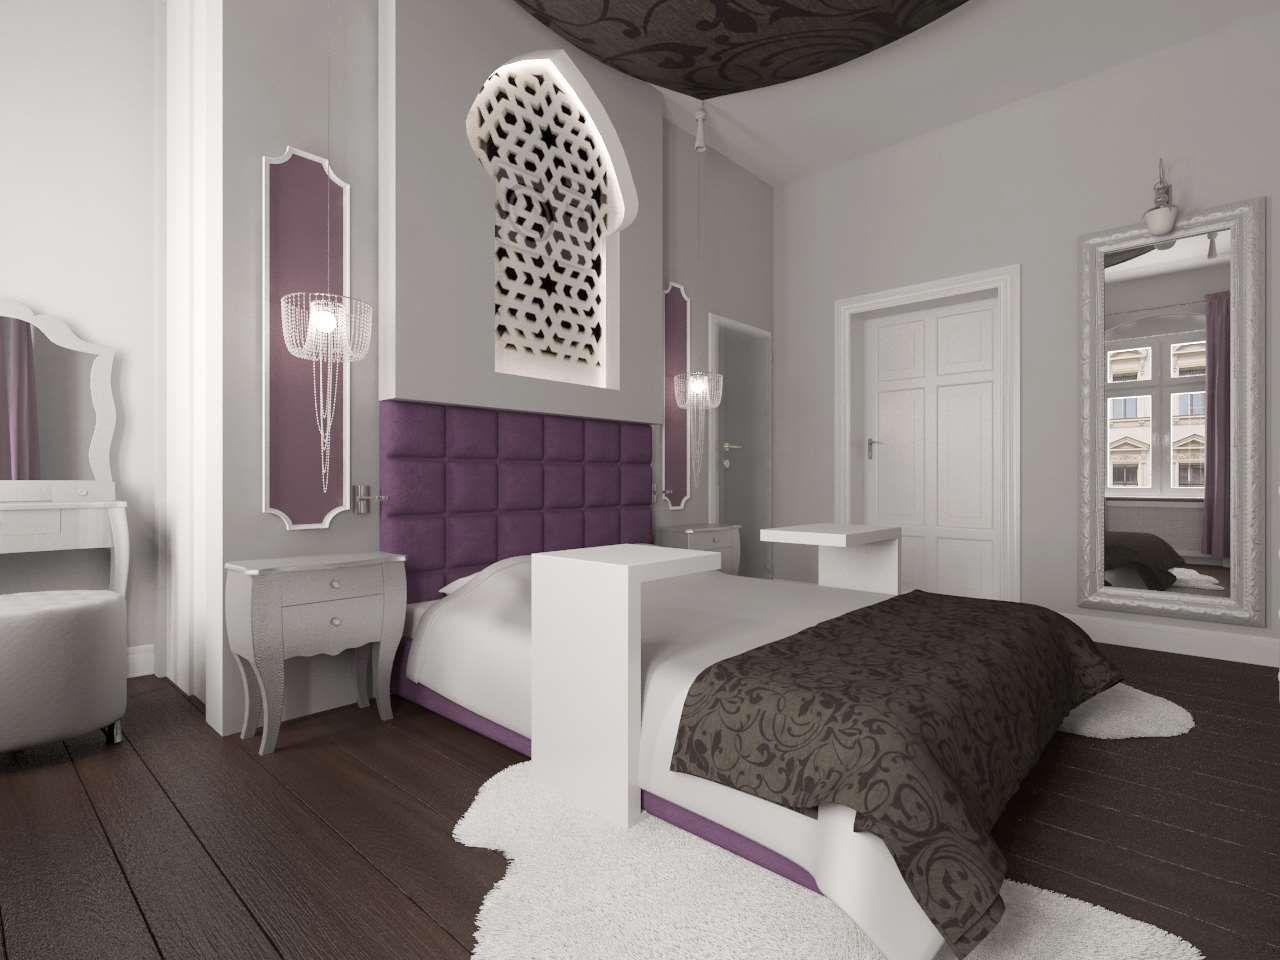 Sypialnia Z Wyraźnie Ciemną Podłogą Oraz Jasnymi ścianami